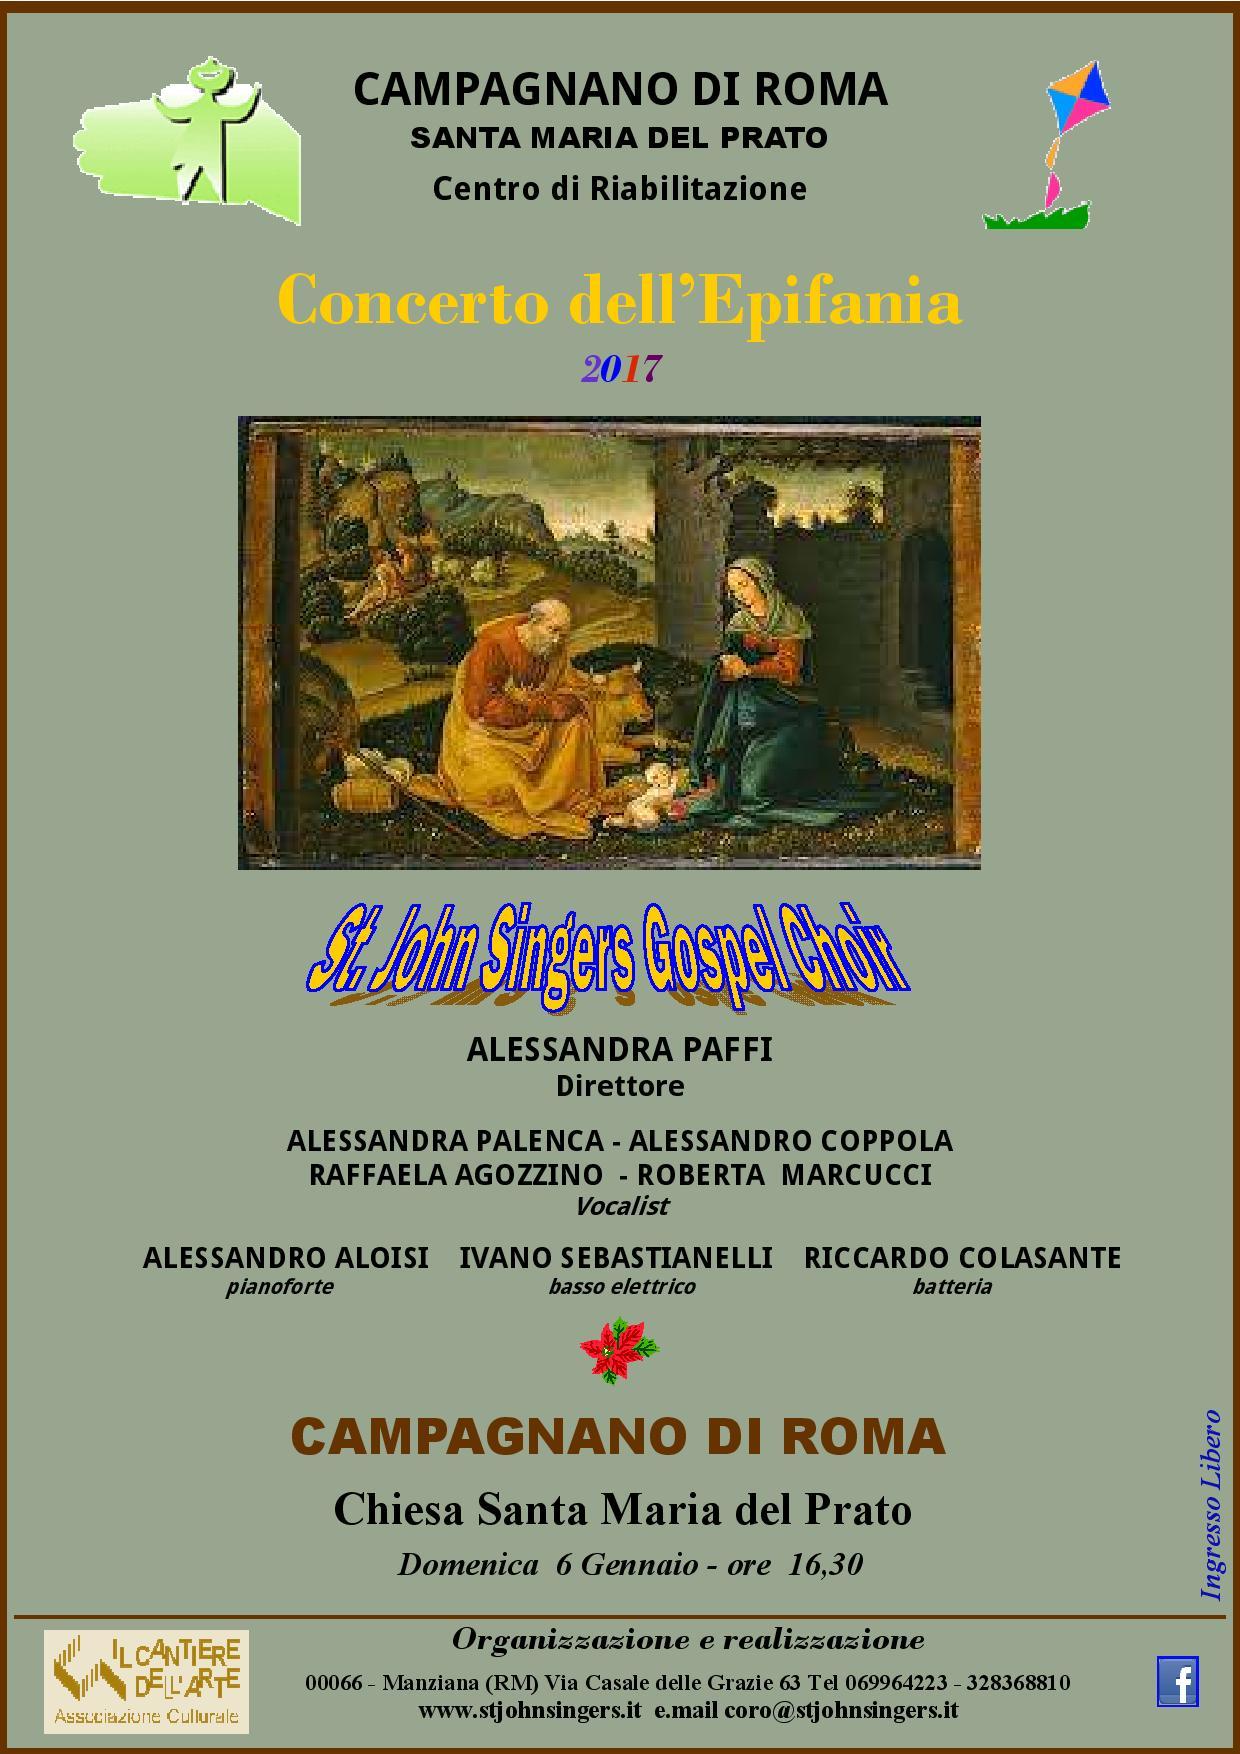 Concerto dell'Epifania 2017